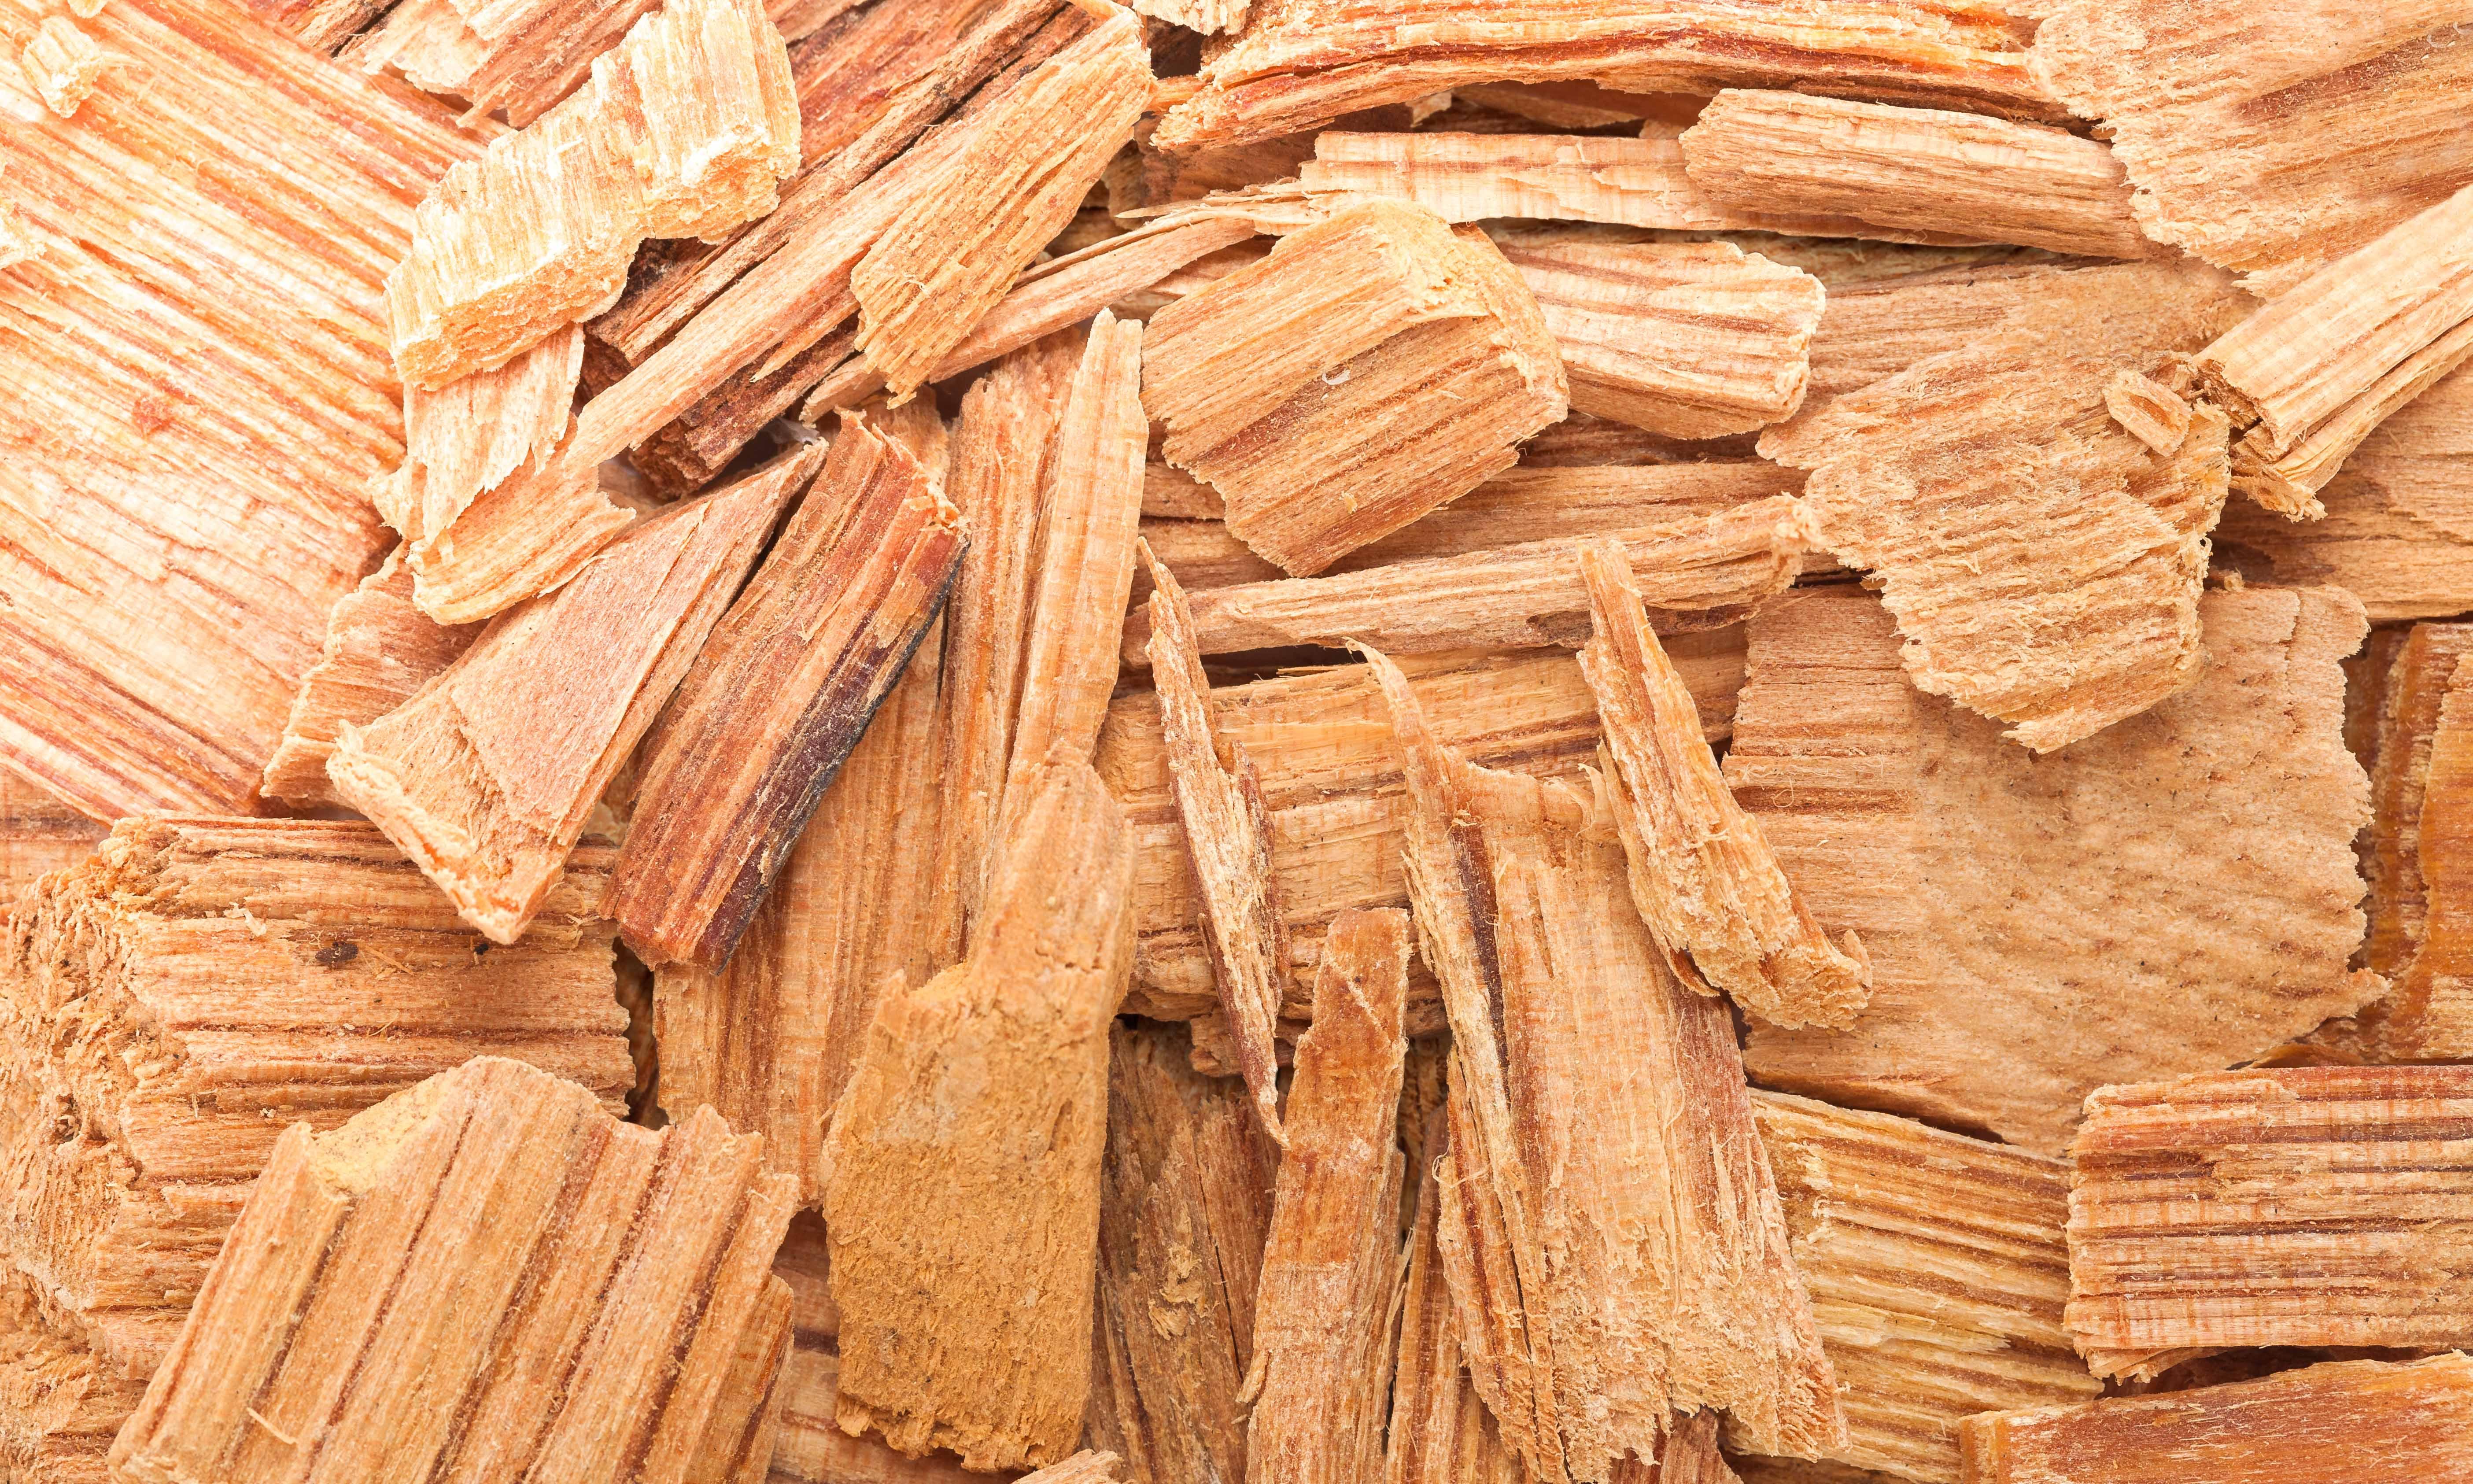 Cedarwood Oil Uses & Benefits